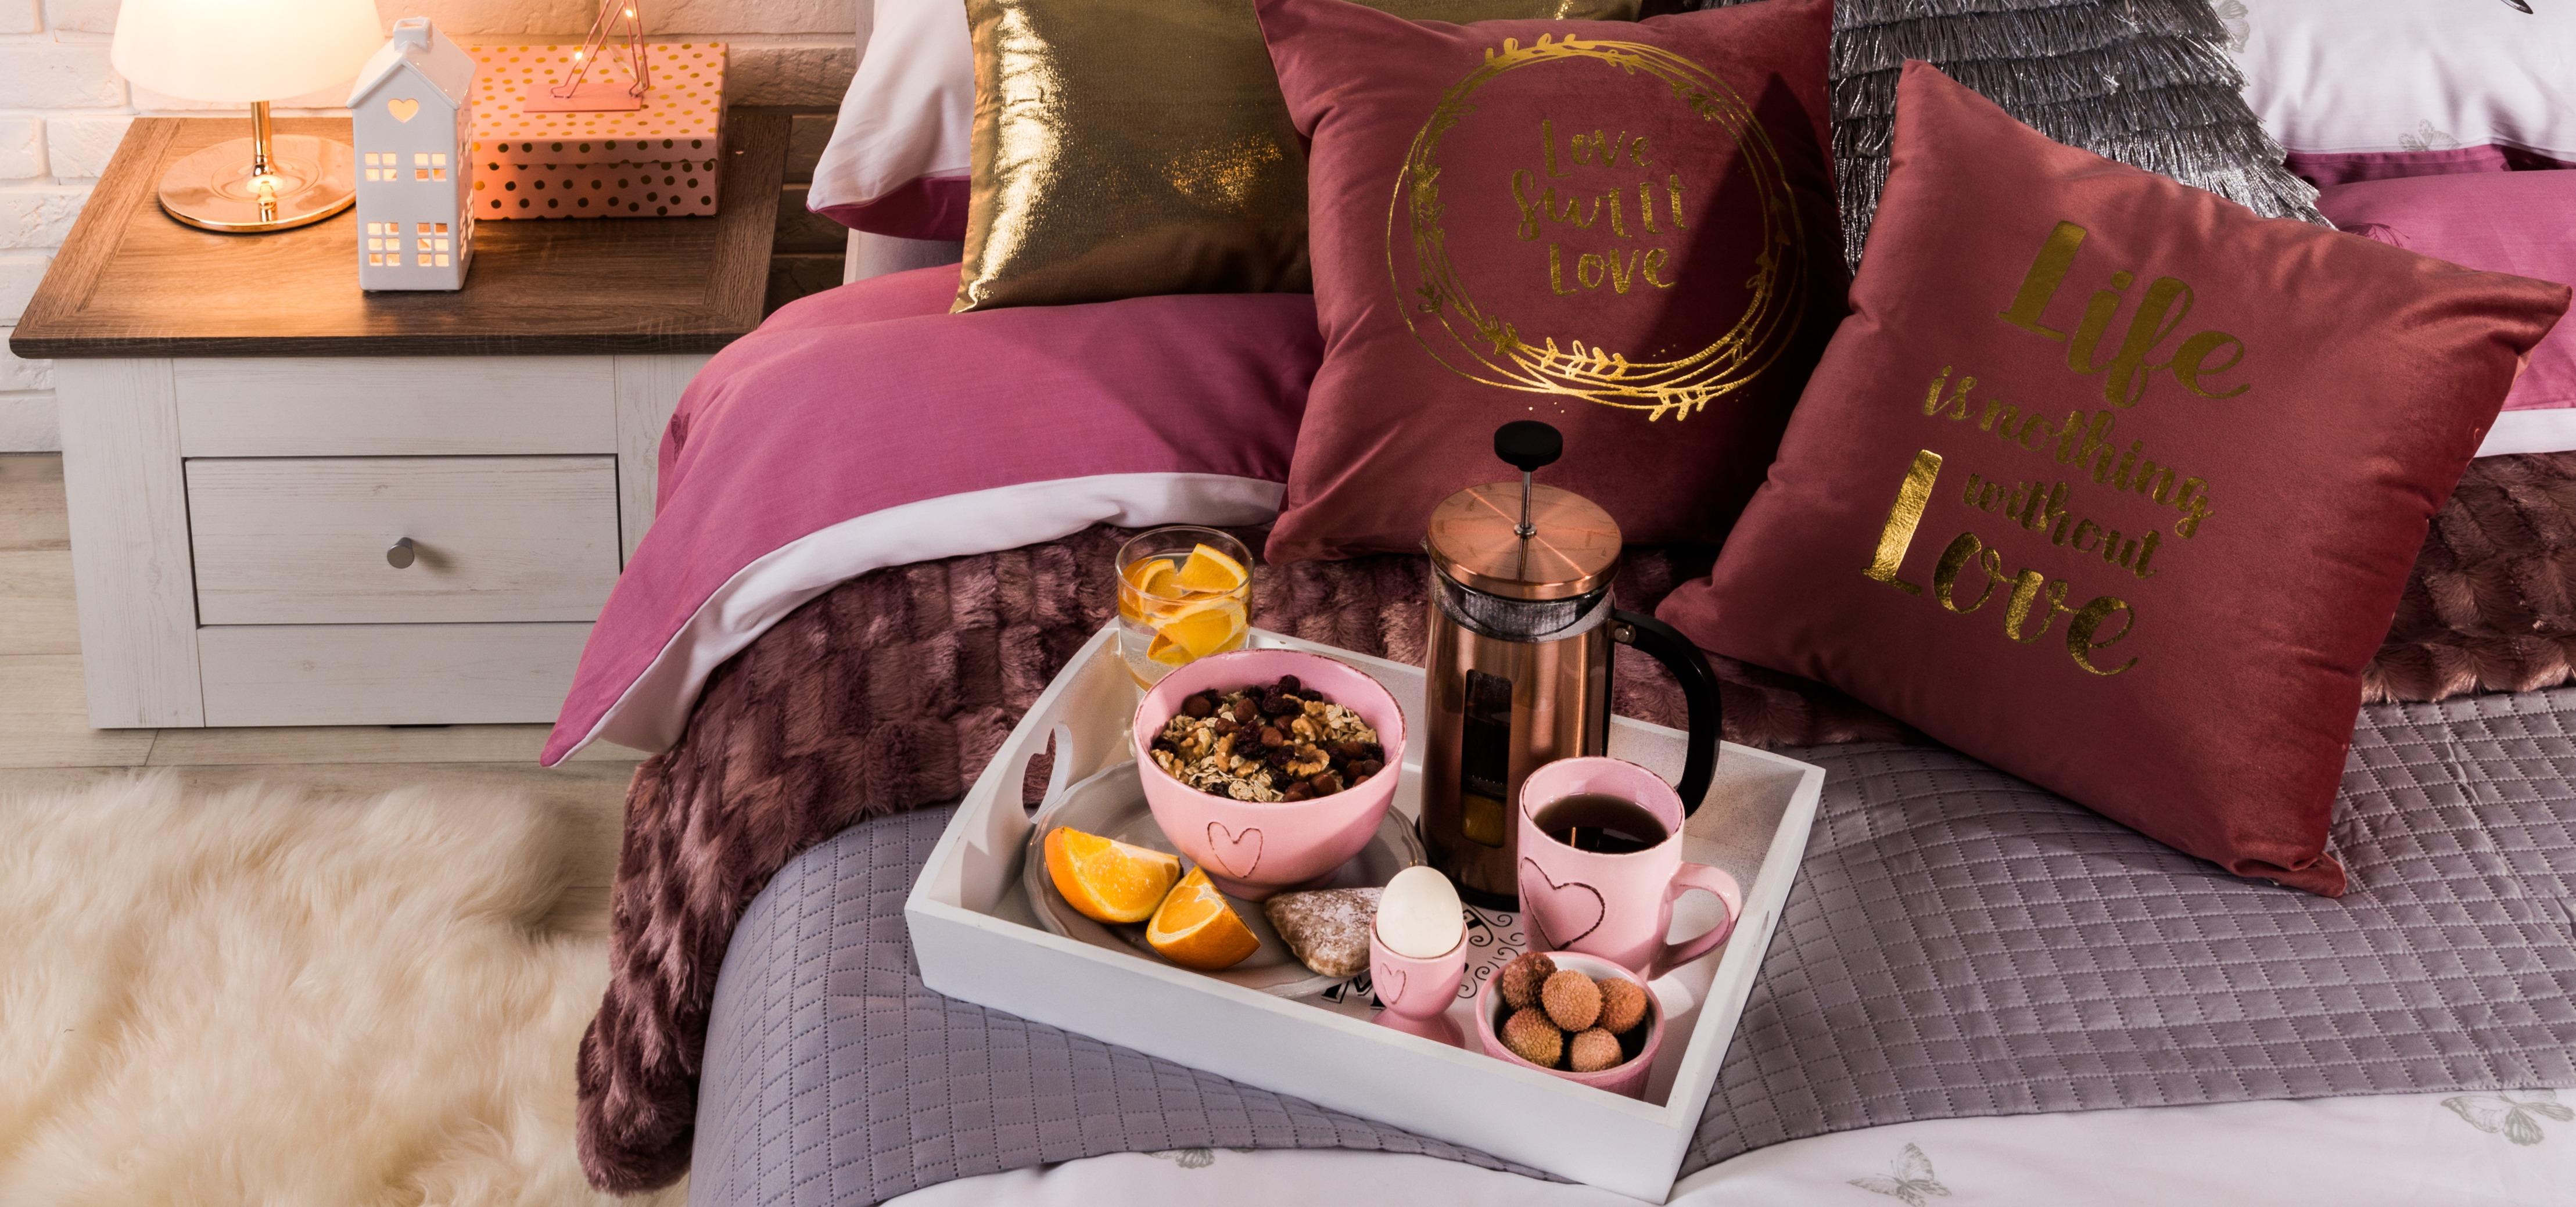 Śniadanie walentynkowe w wyjątkowym stylu – akcesoria, które umilą Ci Święto Zakochanych